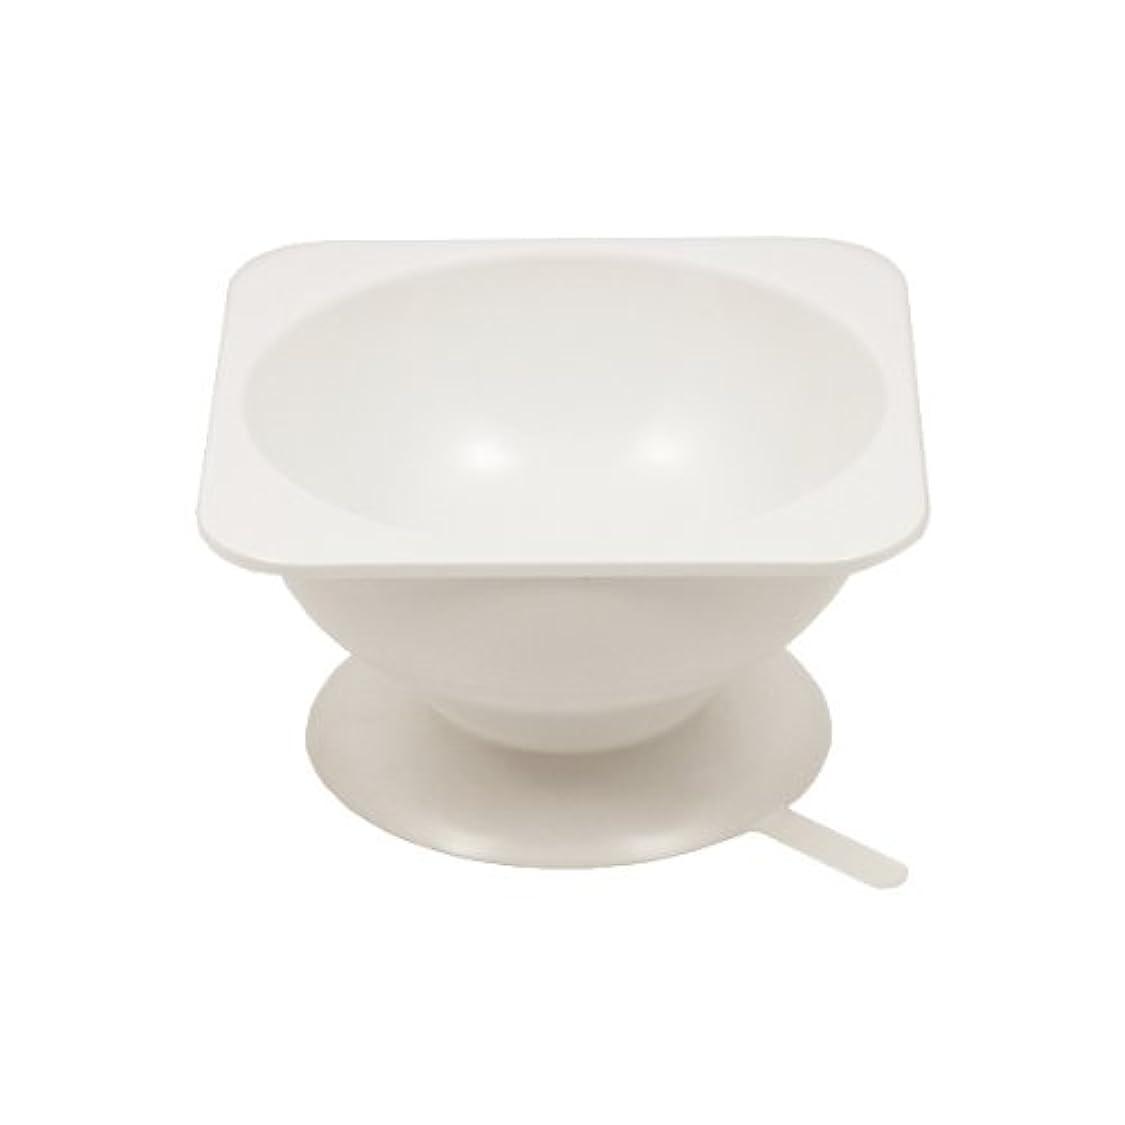 オリエントベーリング海峡ユーザー安元化成 カラーリングカップ(吸盤付)白